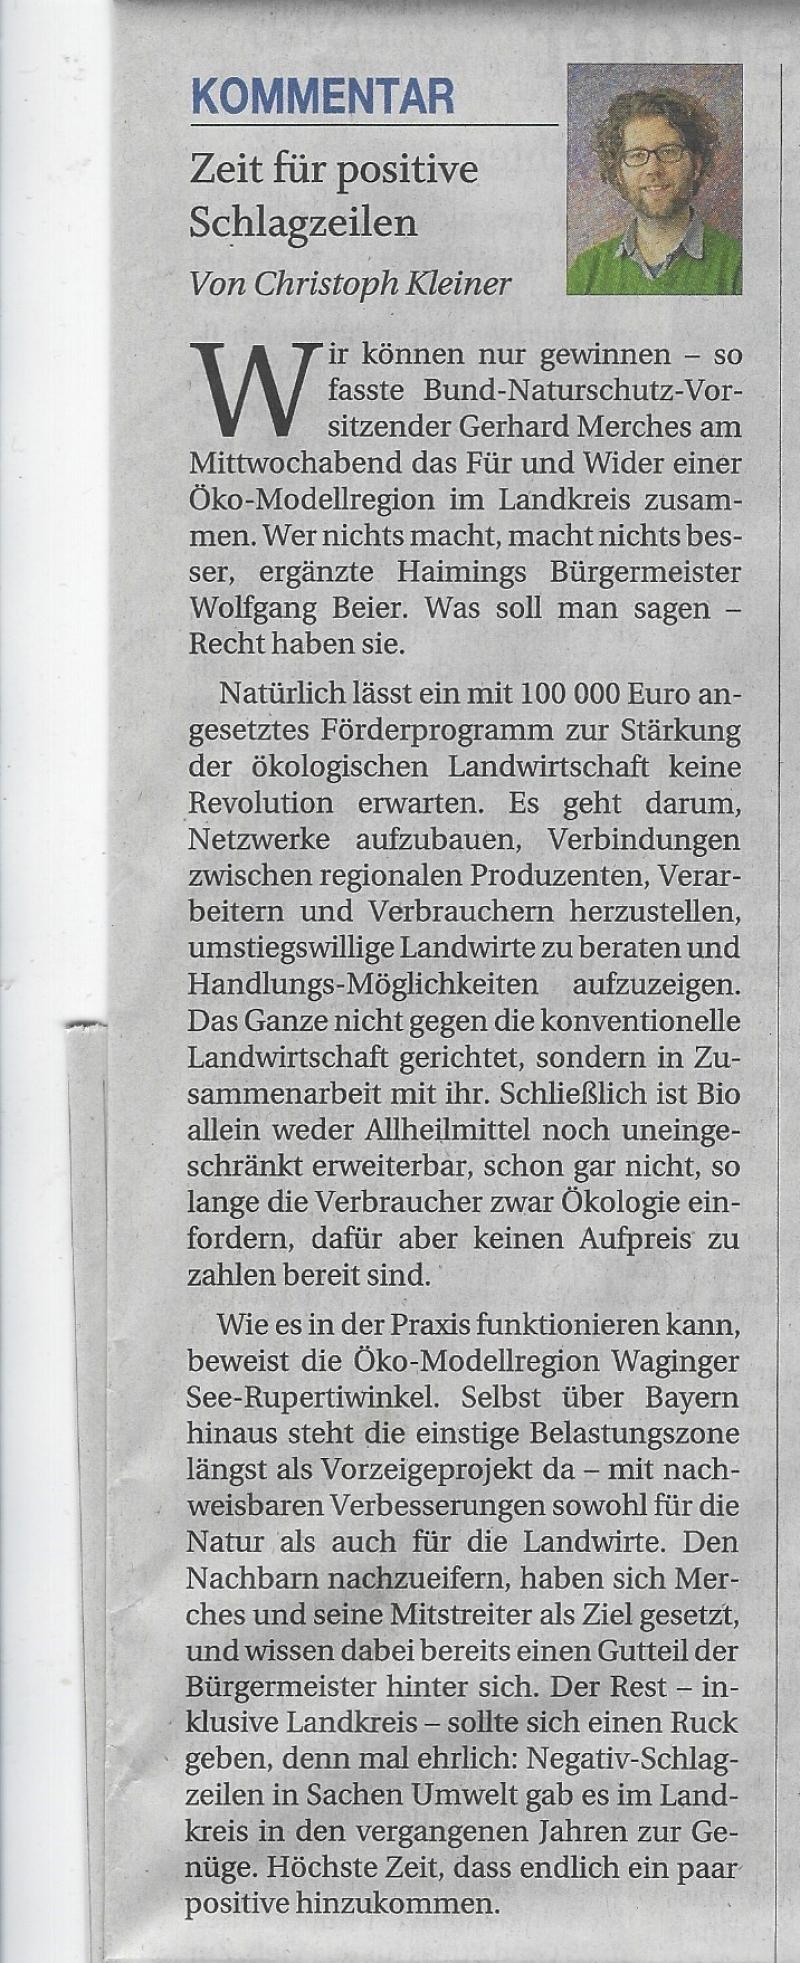 Kommentar aus der PNP vom 1.12.2018, Autor Christoph Kleiner